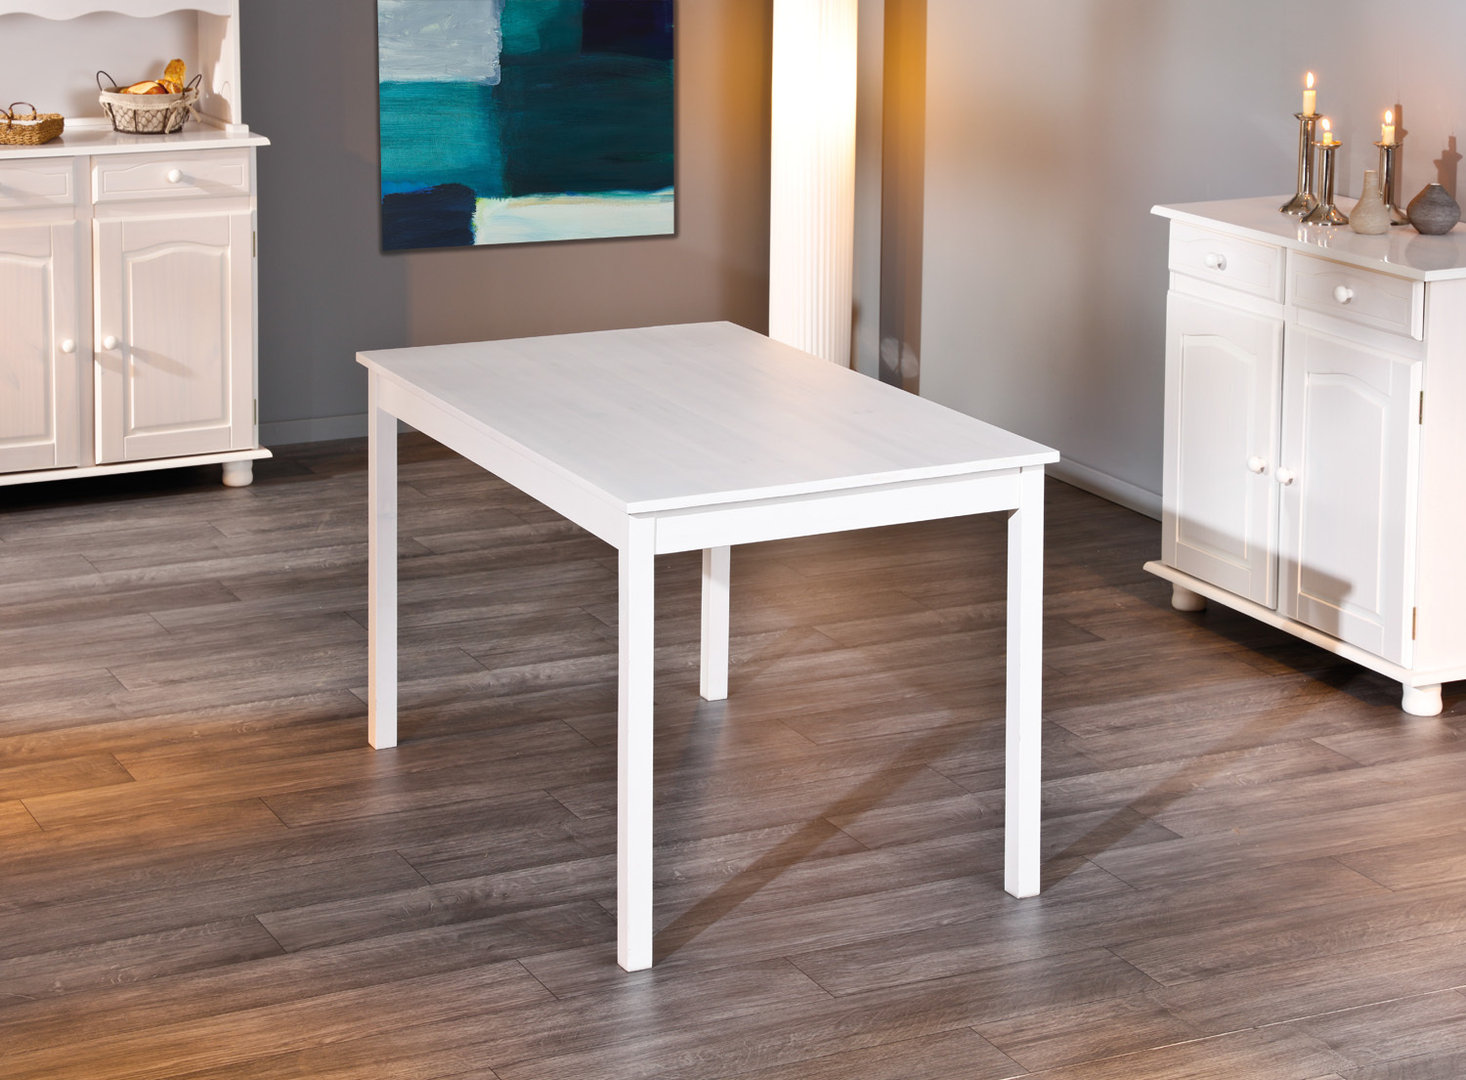 Divo tavolo moderno in legno bianco mobile per cucina sala for Mobile tavolo